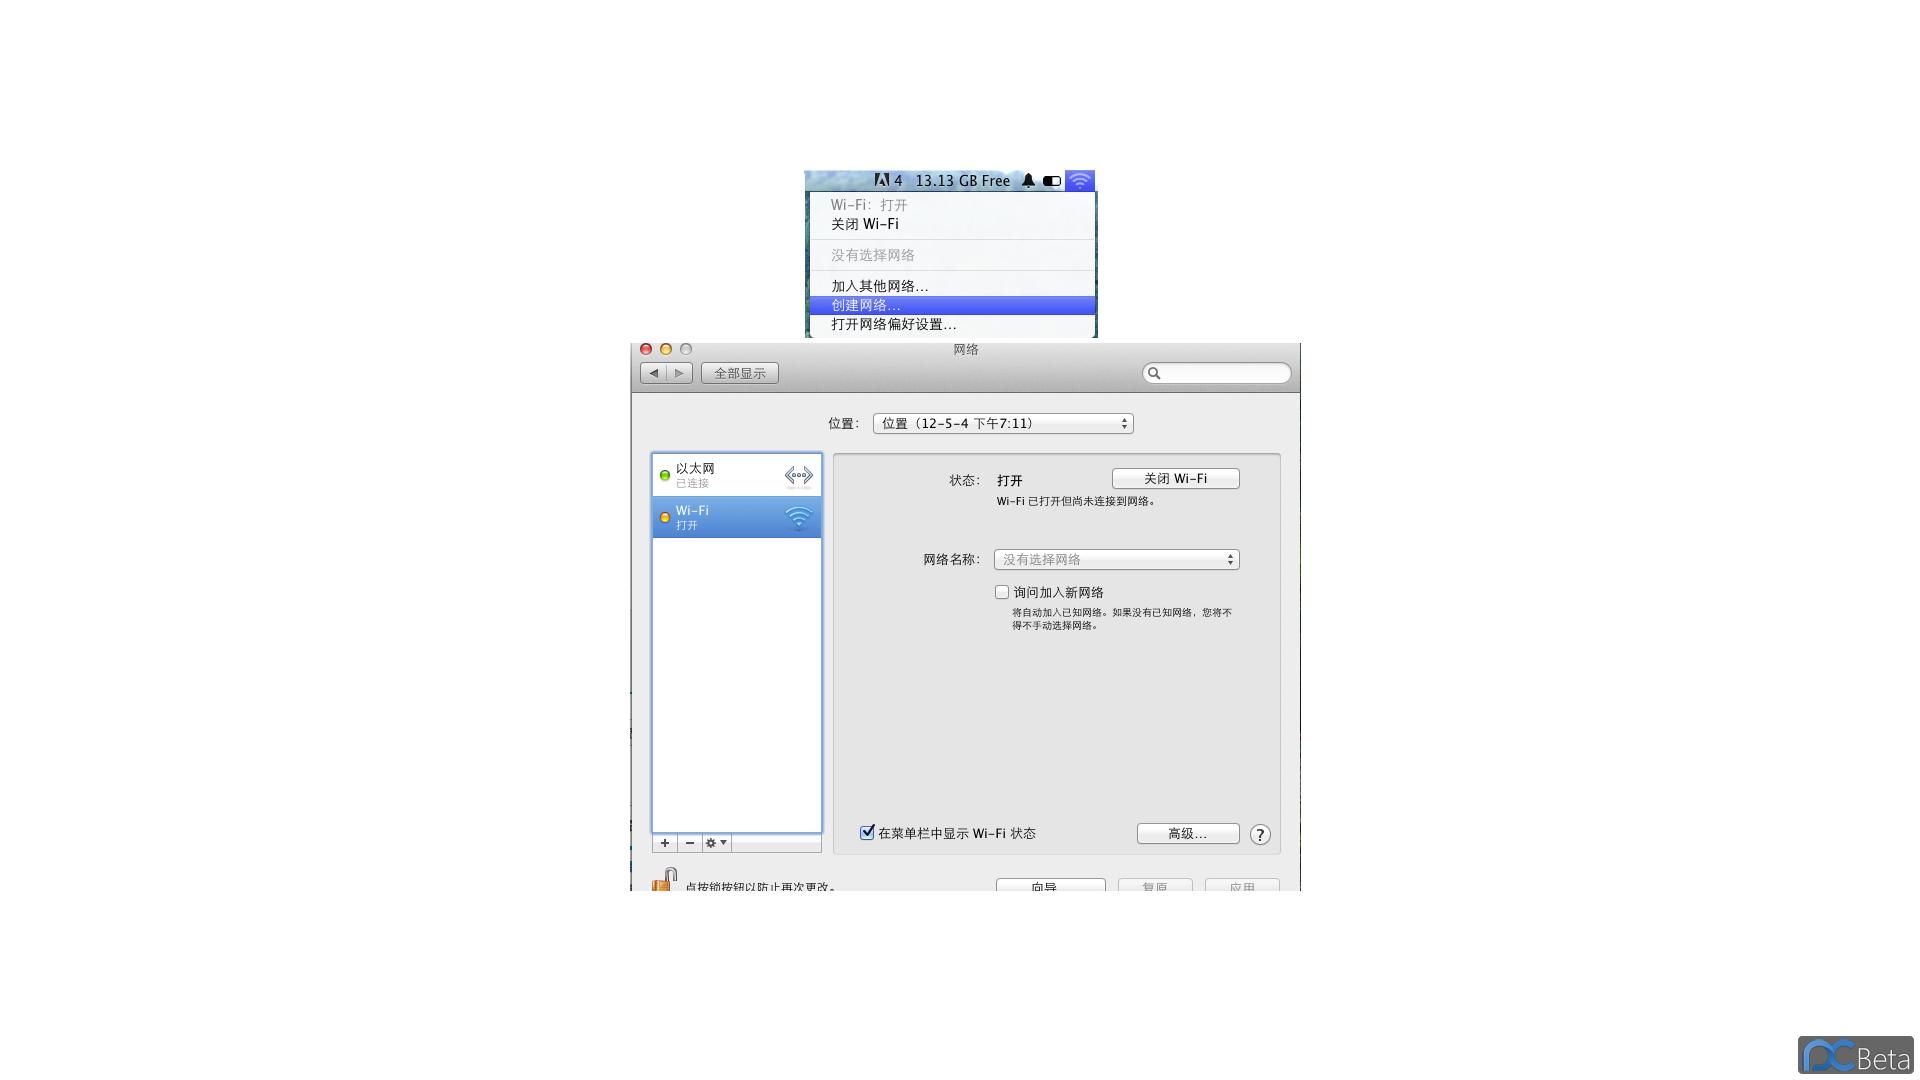 屏幕快照 2012-05-06 上午10.17.50.png